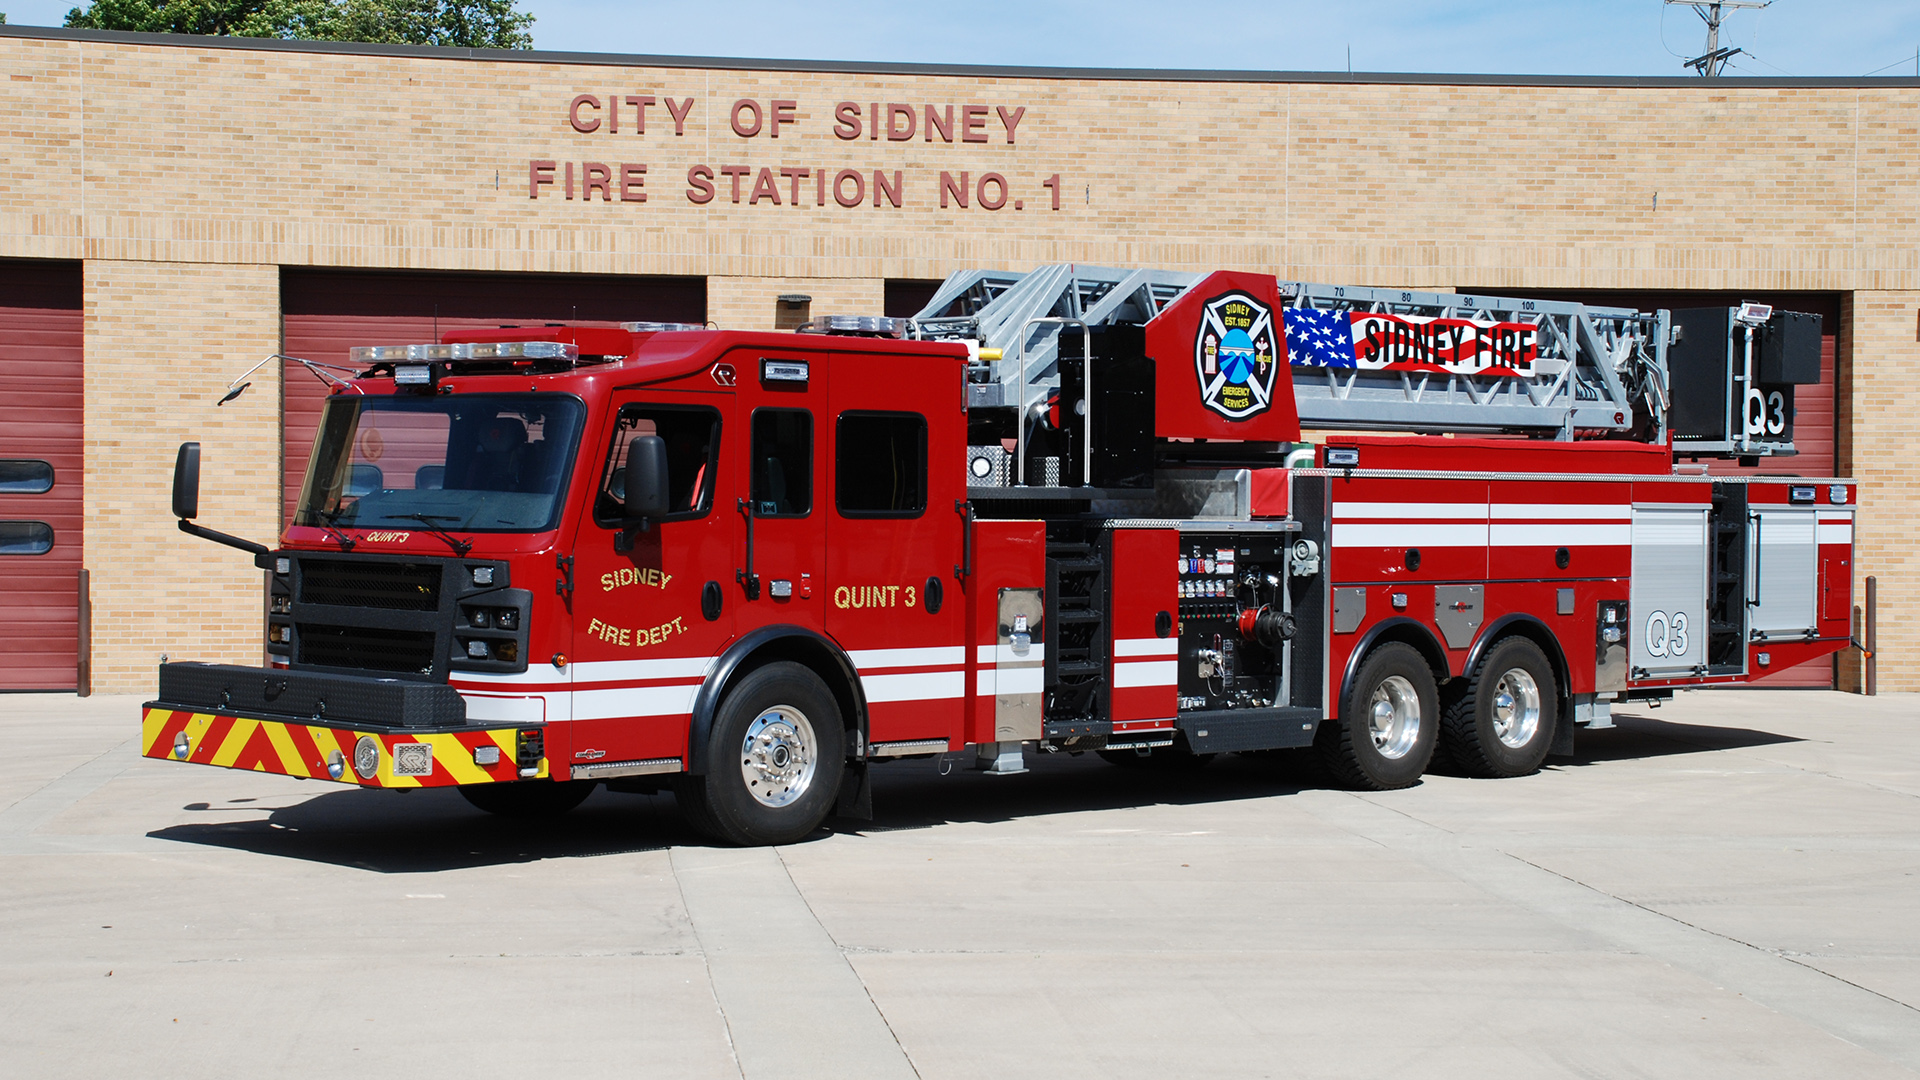 Sidney Fire